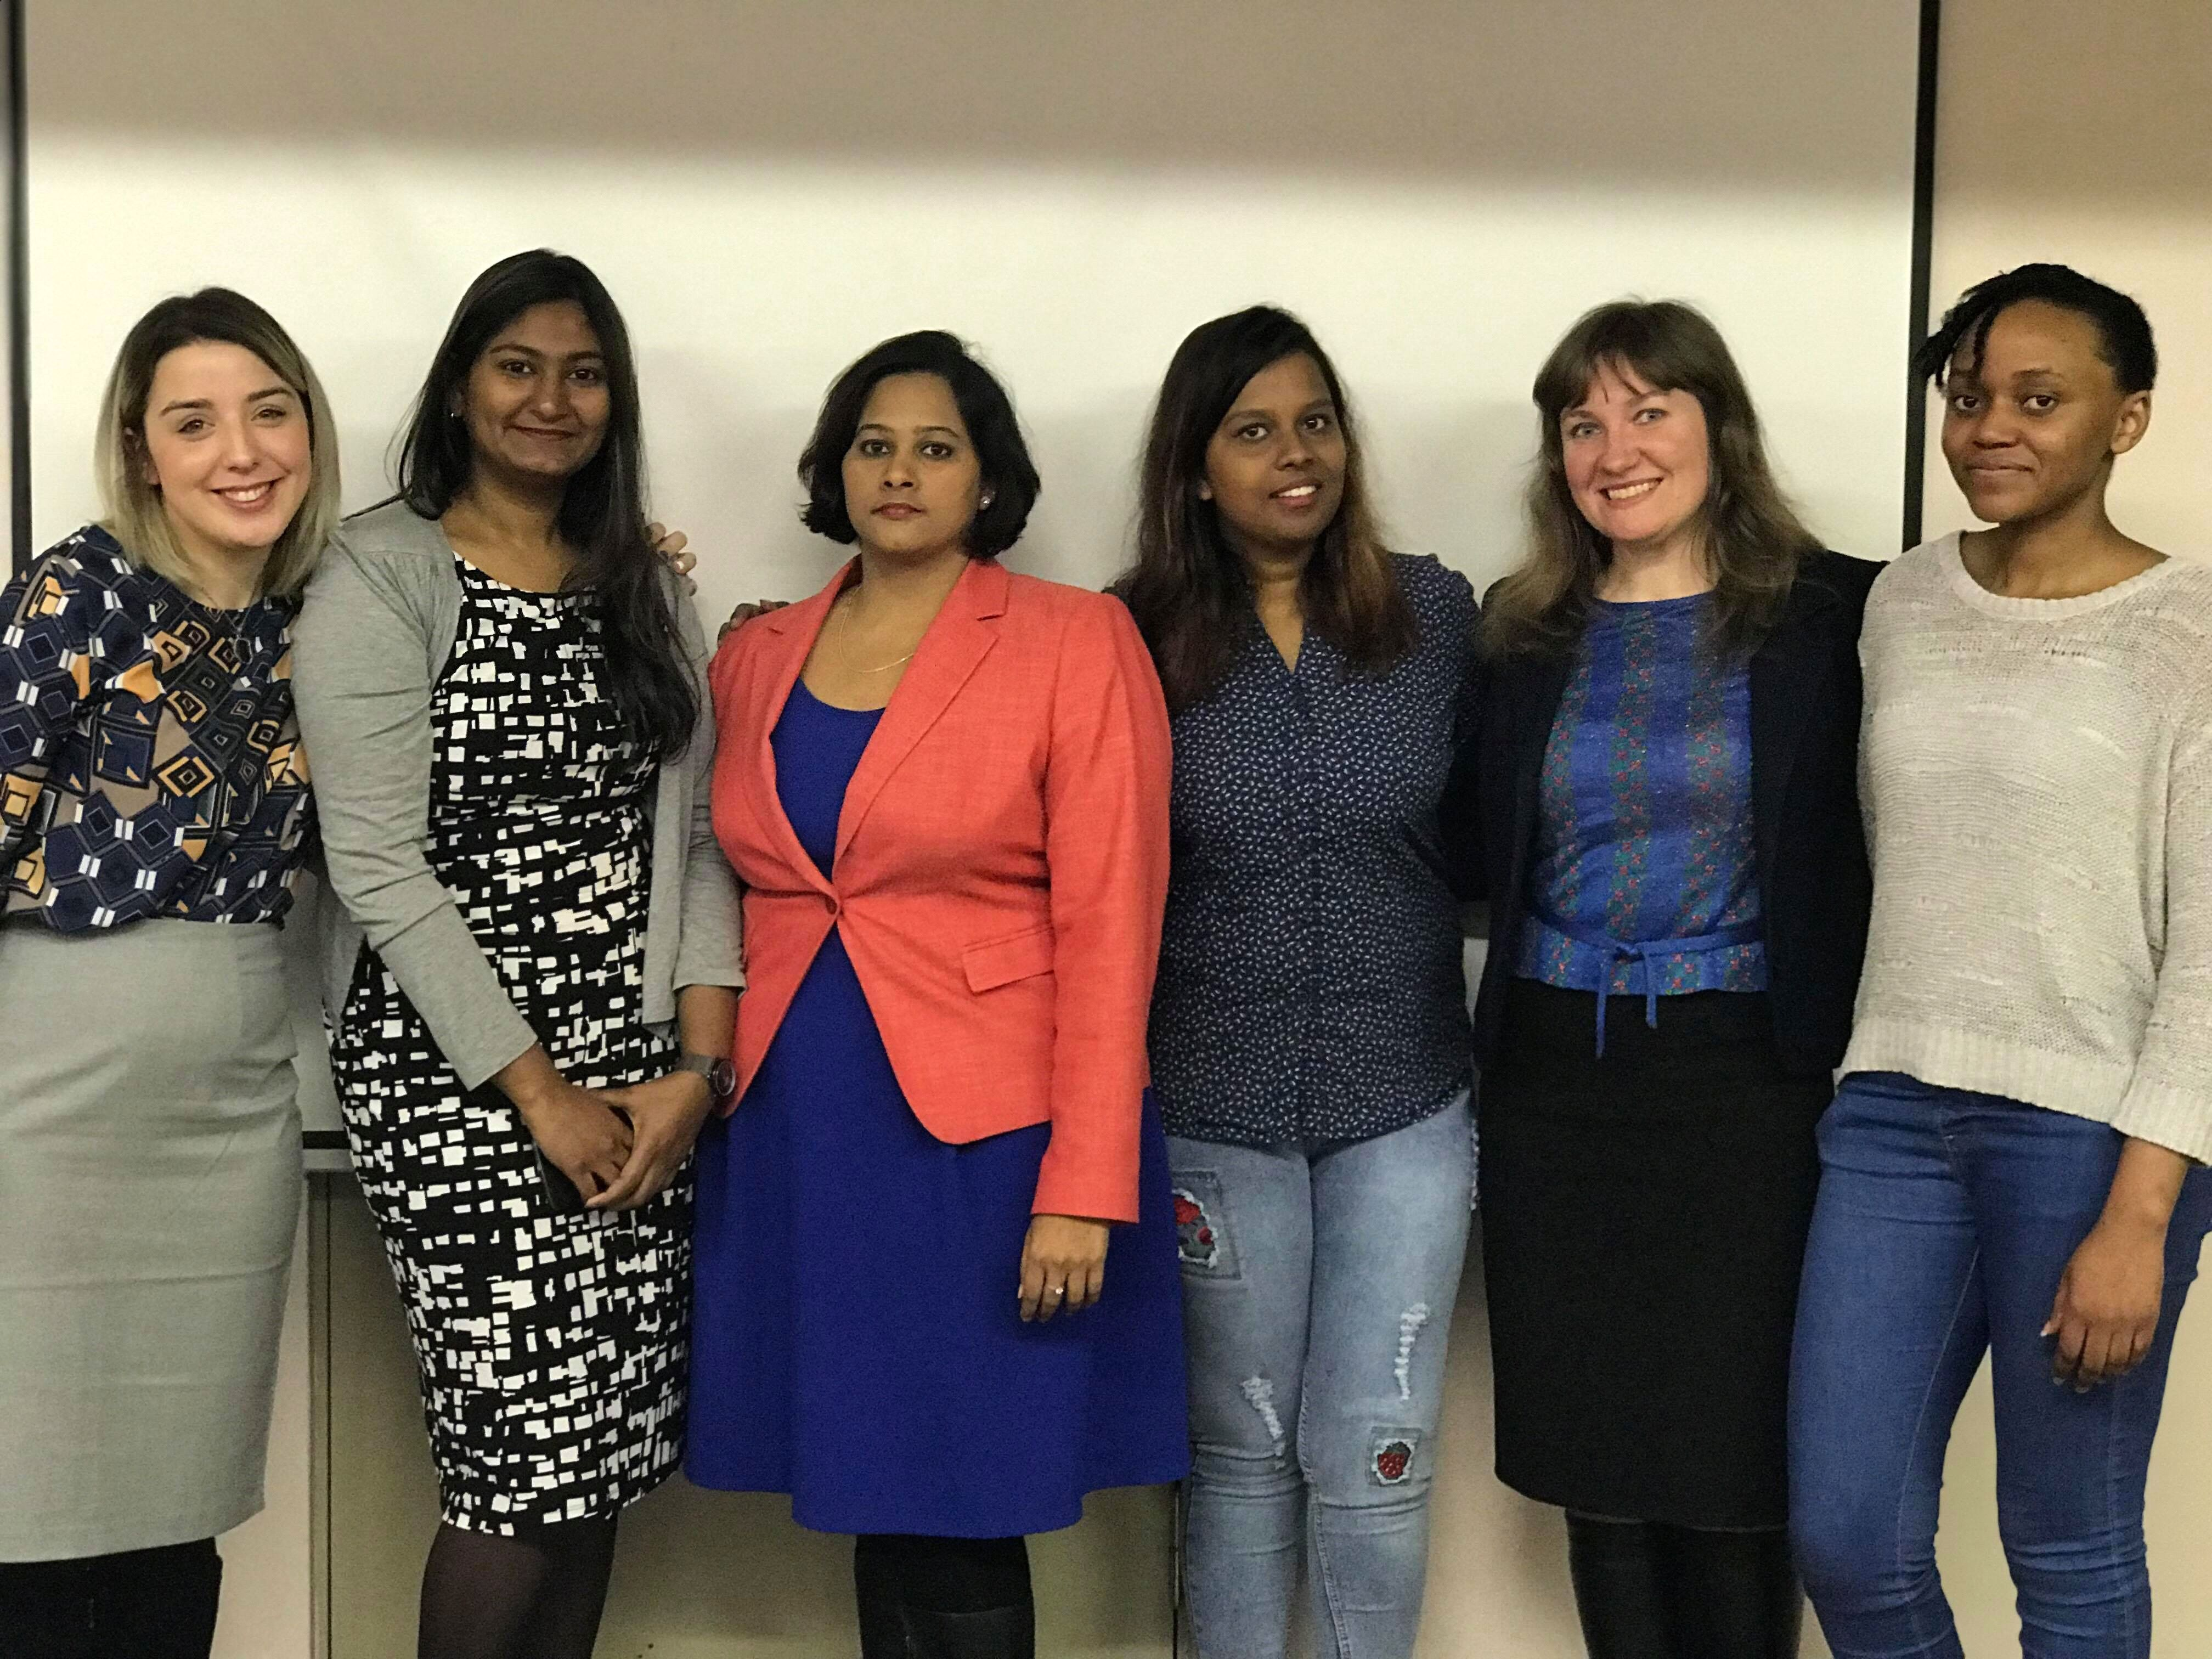 KTU studentė iš Zimbabvės – apie norą statyti namus, moterų lyderystę ir Afriką primenančią Lietuvą